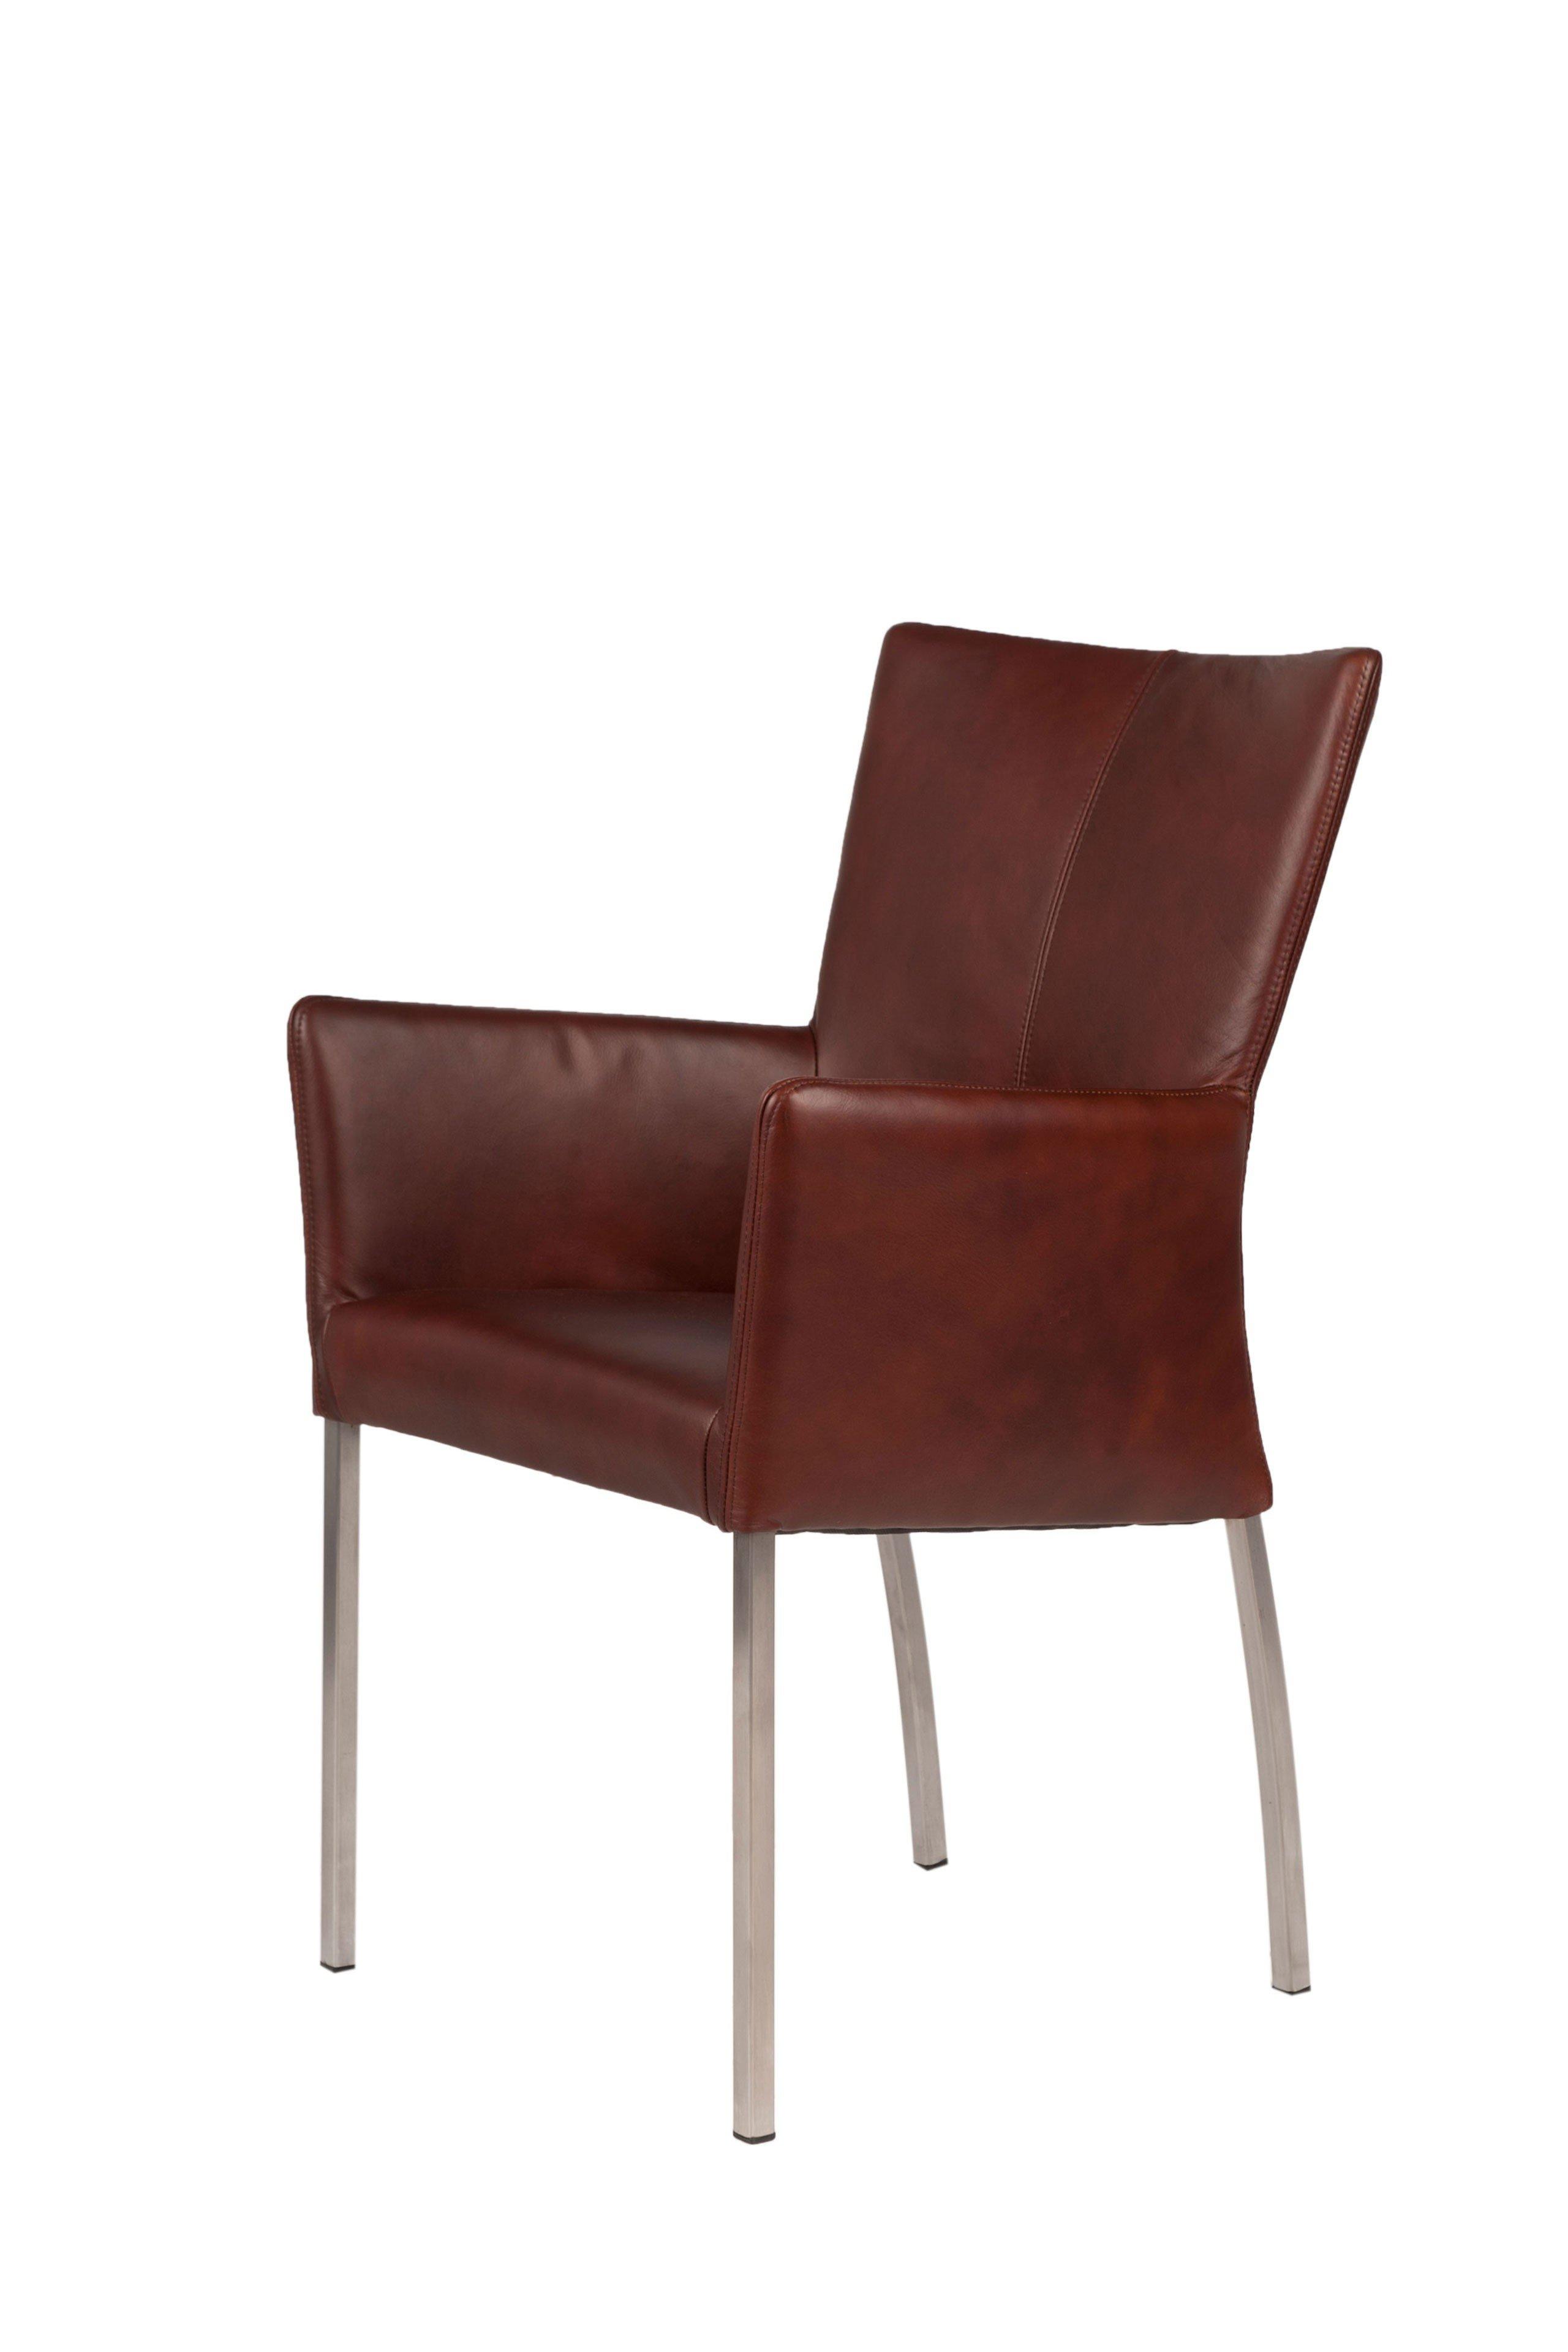 sit m bel stuhl roma leder in dark tan m bel letz ihr online shop. Black Bedroom Furniture Sets. Home Design Ideas